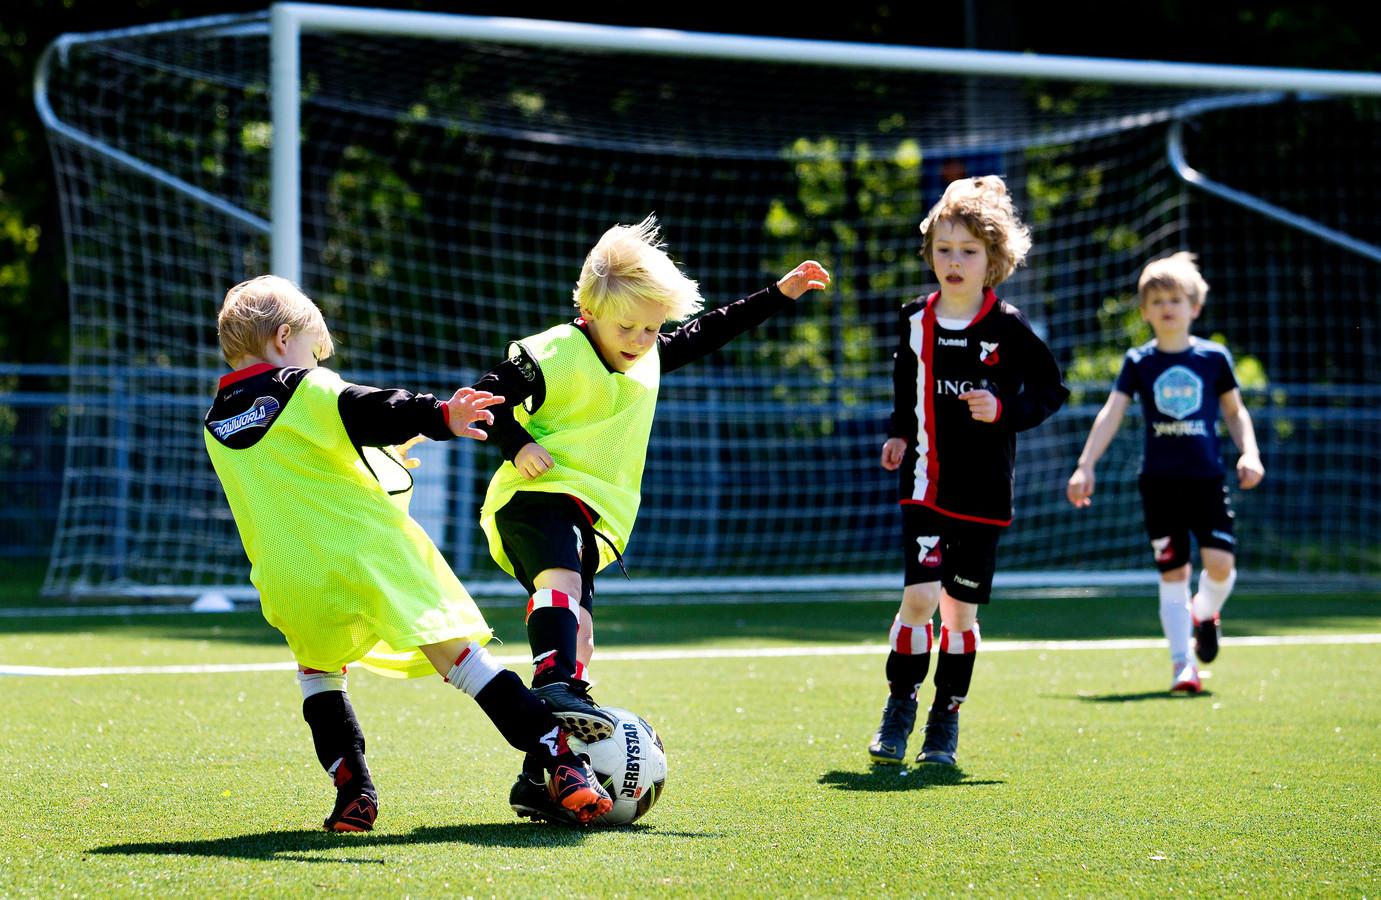 De energie spat ervan af op de velden van de Haagse club HBS Craeyenhout.